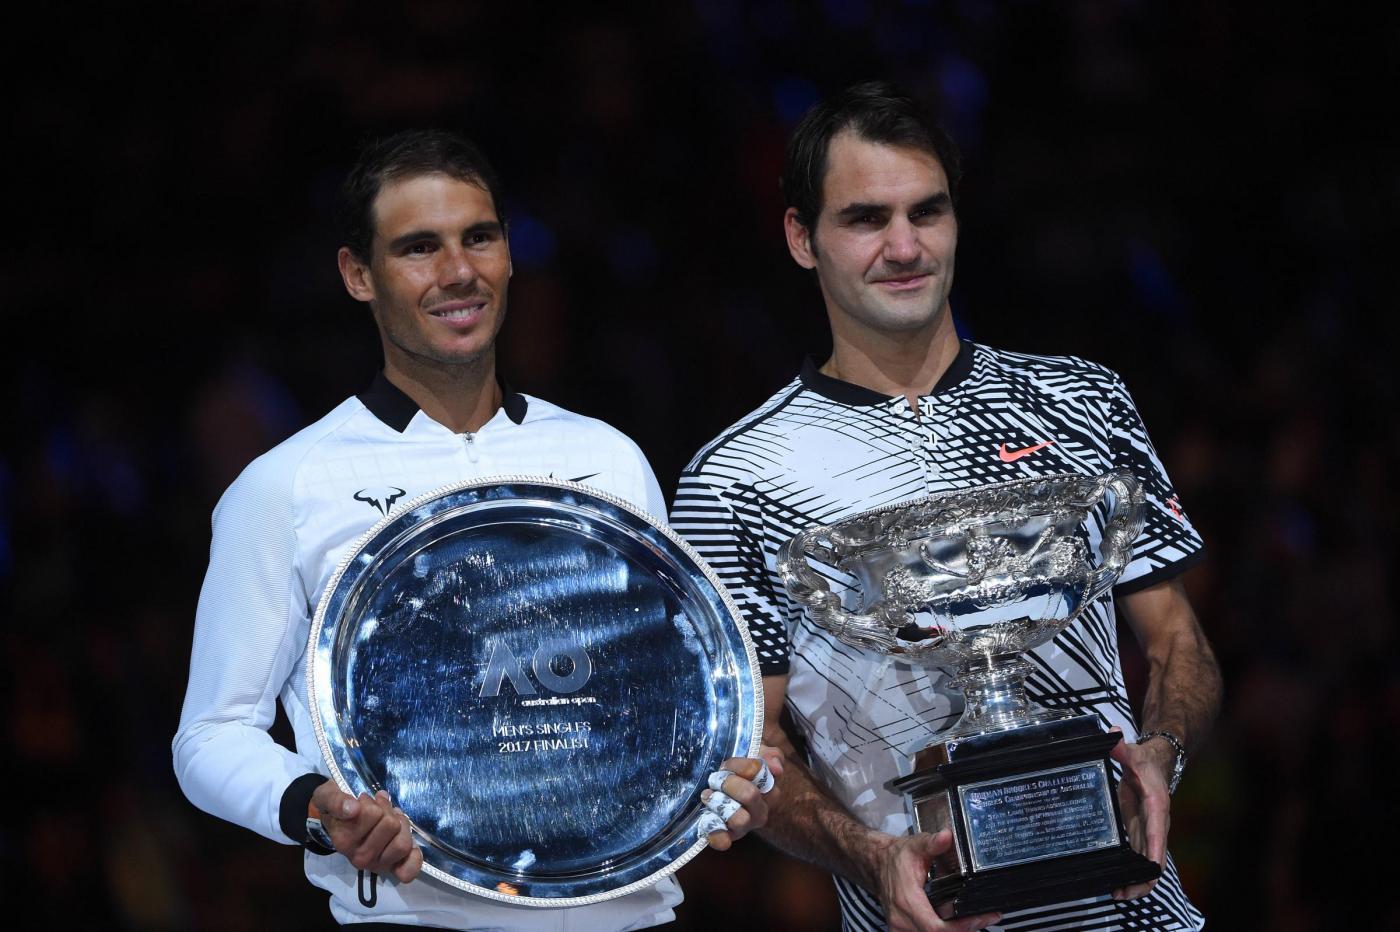 Roger FedererAustralian Open, Federer trionfa